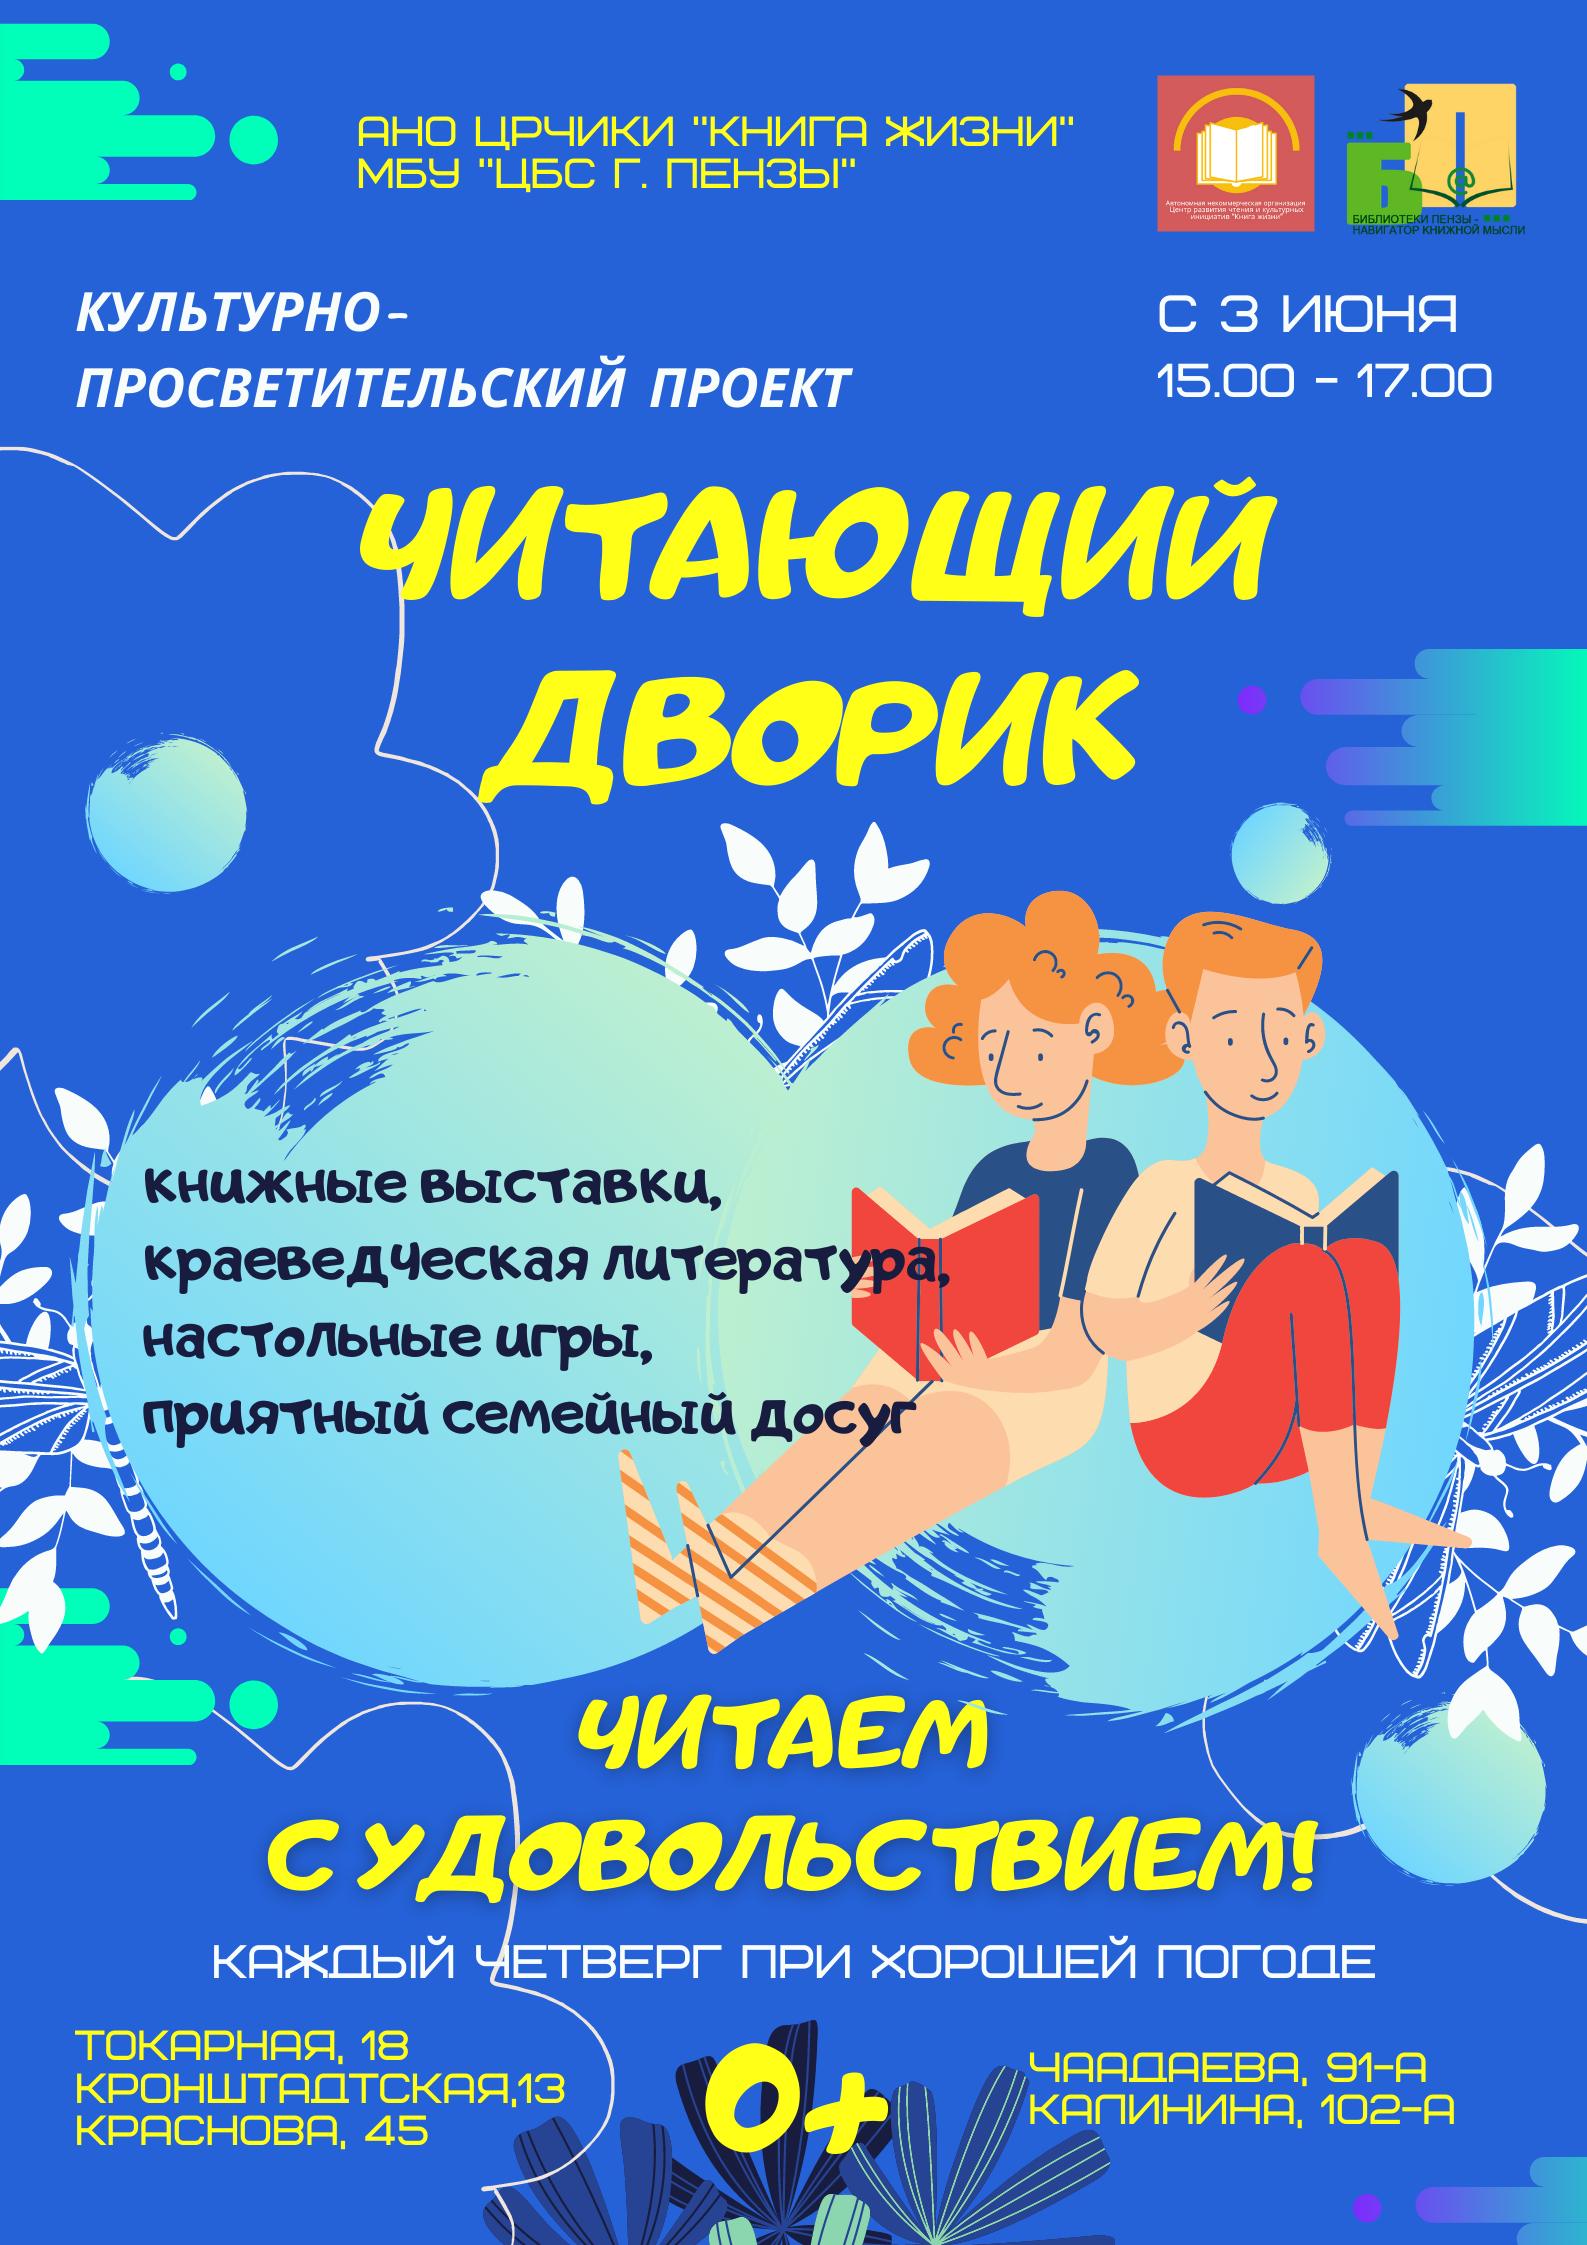 Афиша методической службы городских библиотек